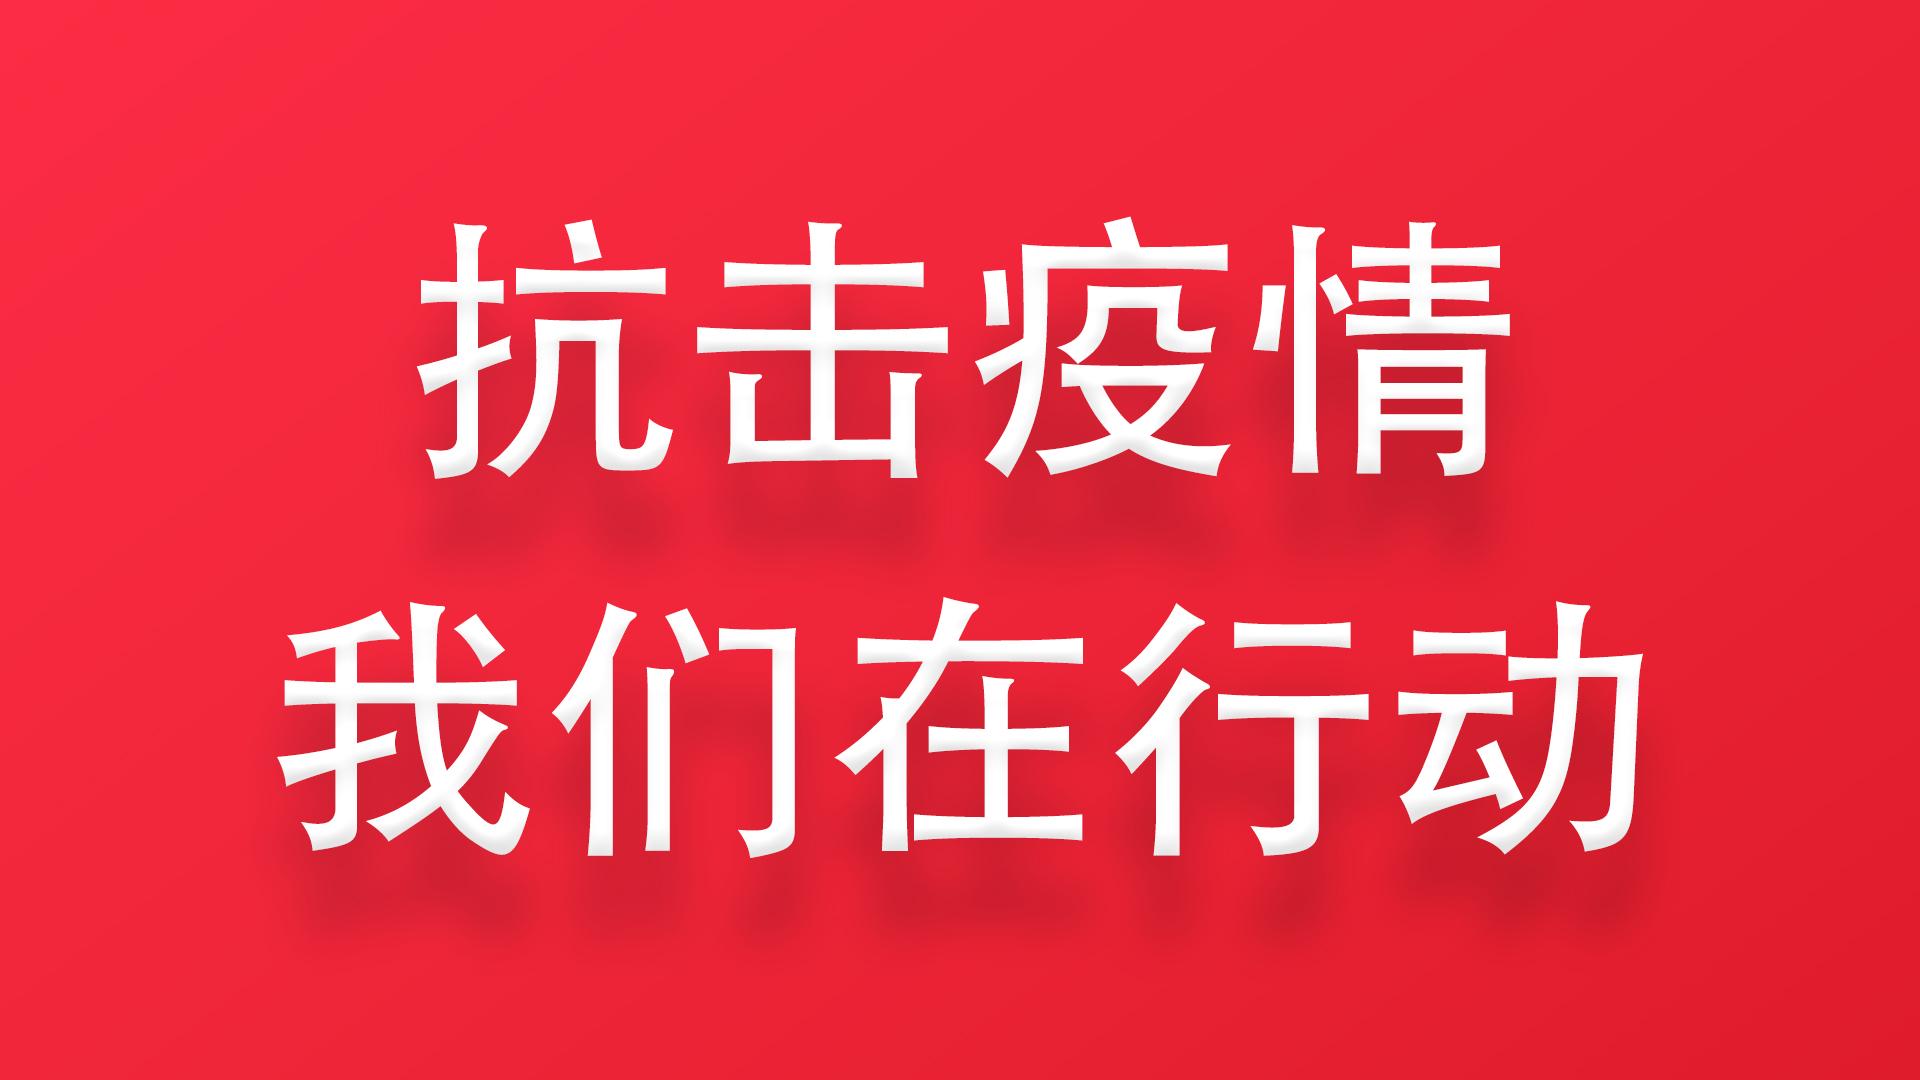 【柴桑党建】抗击疫情 我们在行动——江西柴桑律师事务所紧急筹集1000个防护口罩驰援八里湖街道办事处